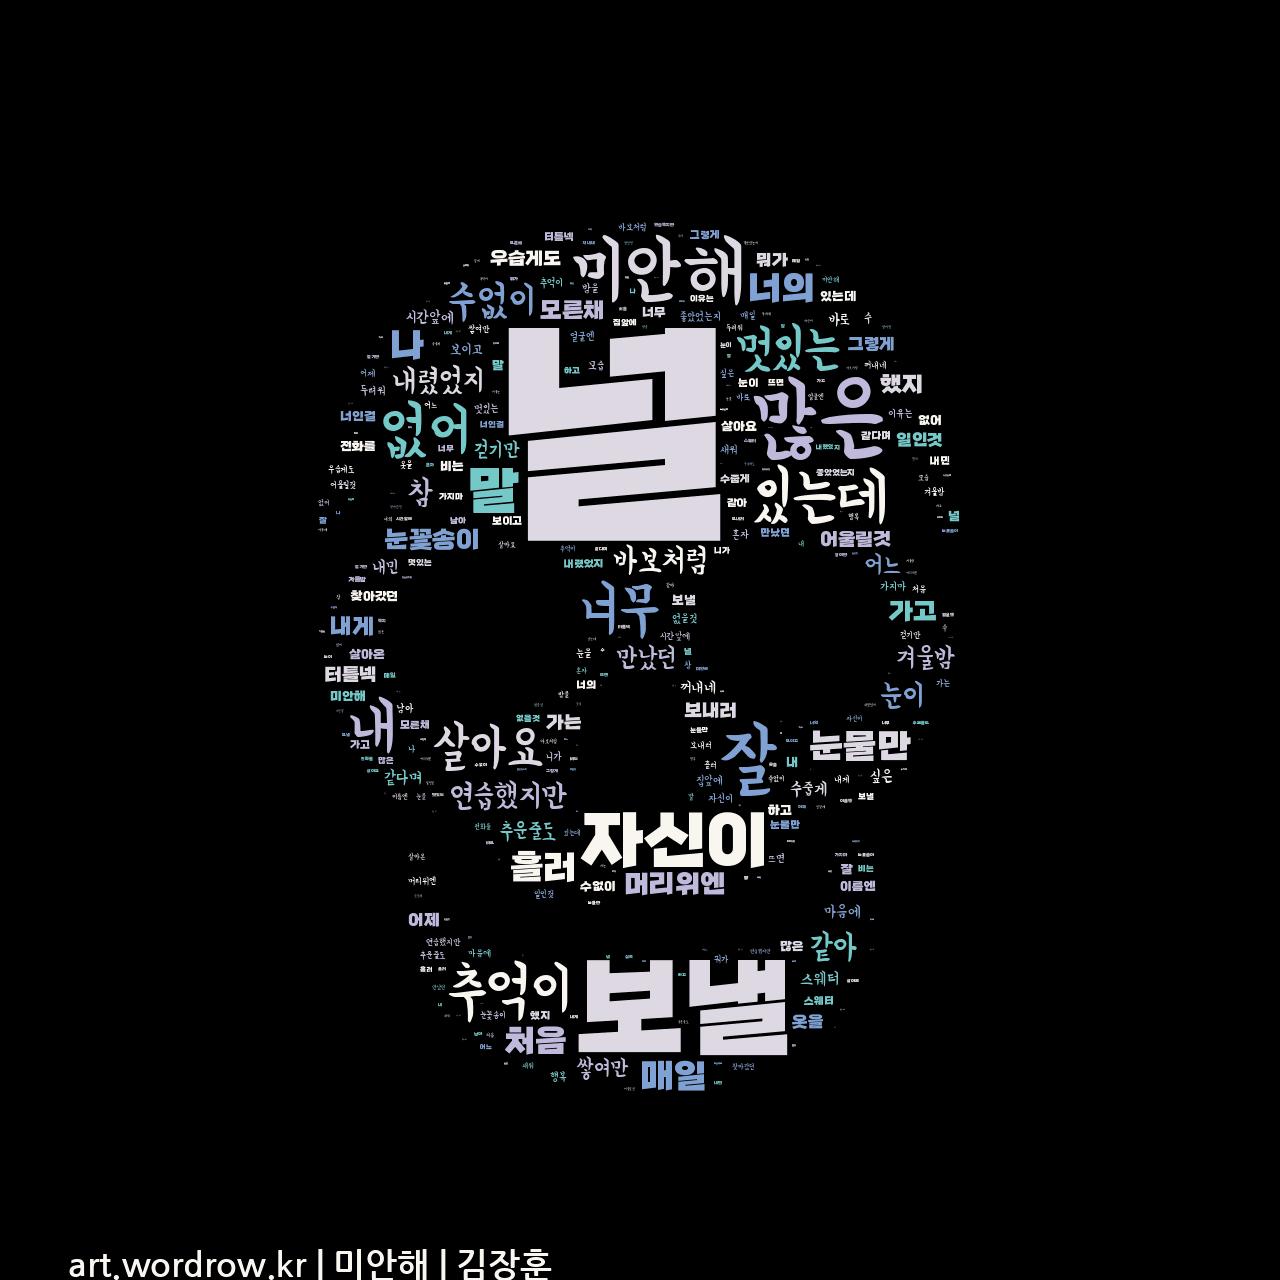 워드 클라우드: 미안해 [김장훈]-42